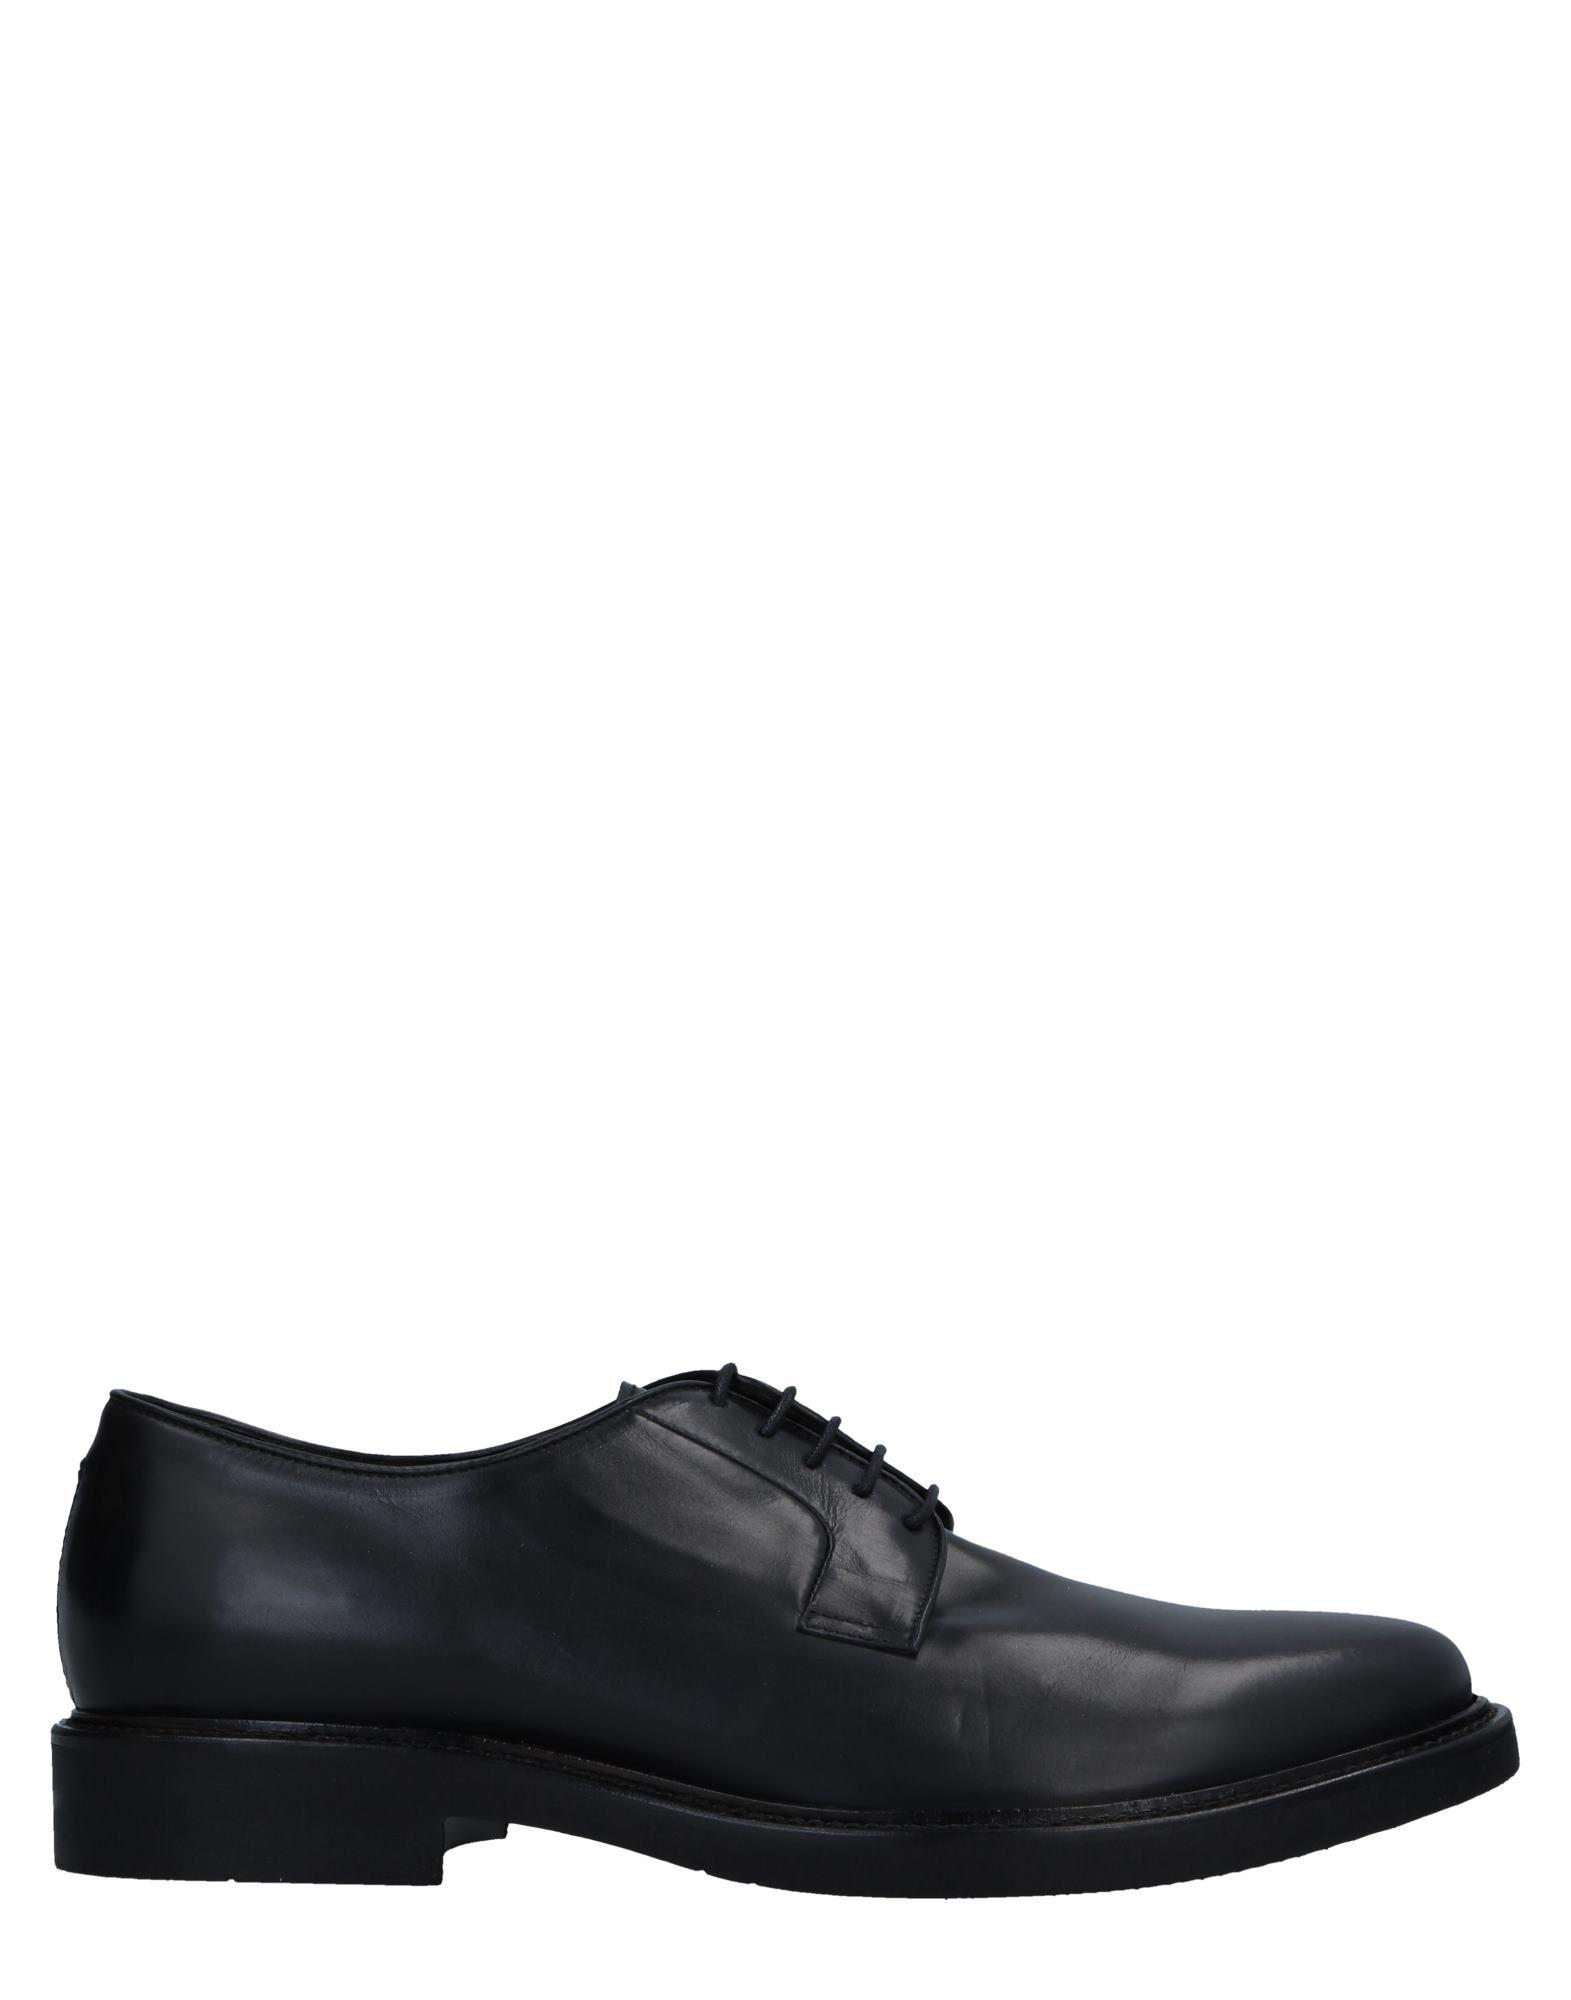 Heiße Migliore Schnürschuhe Herren  11520136DW Heiße  Schuhe 1e5909